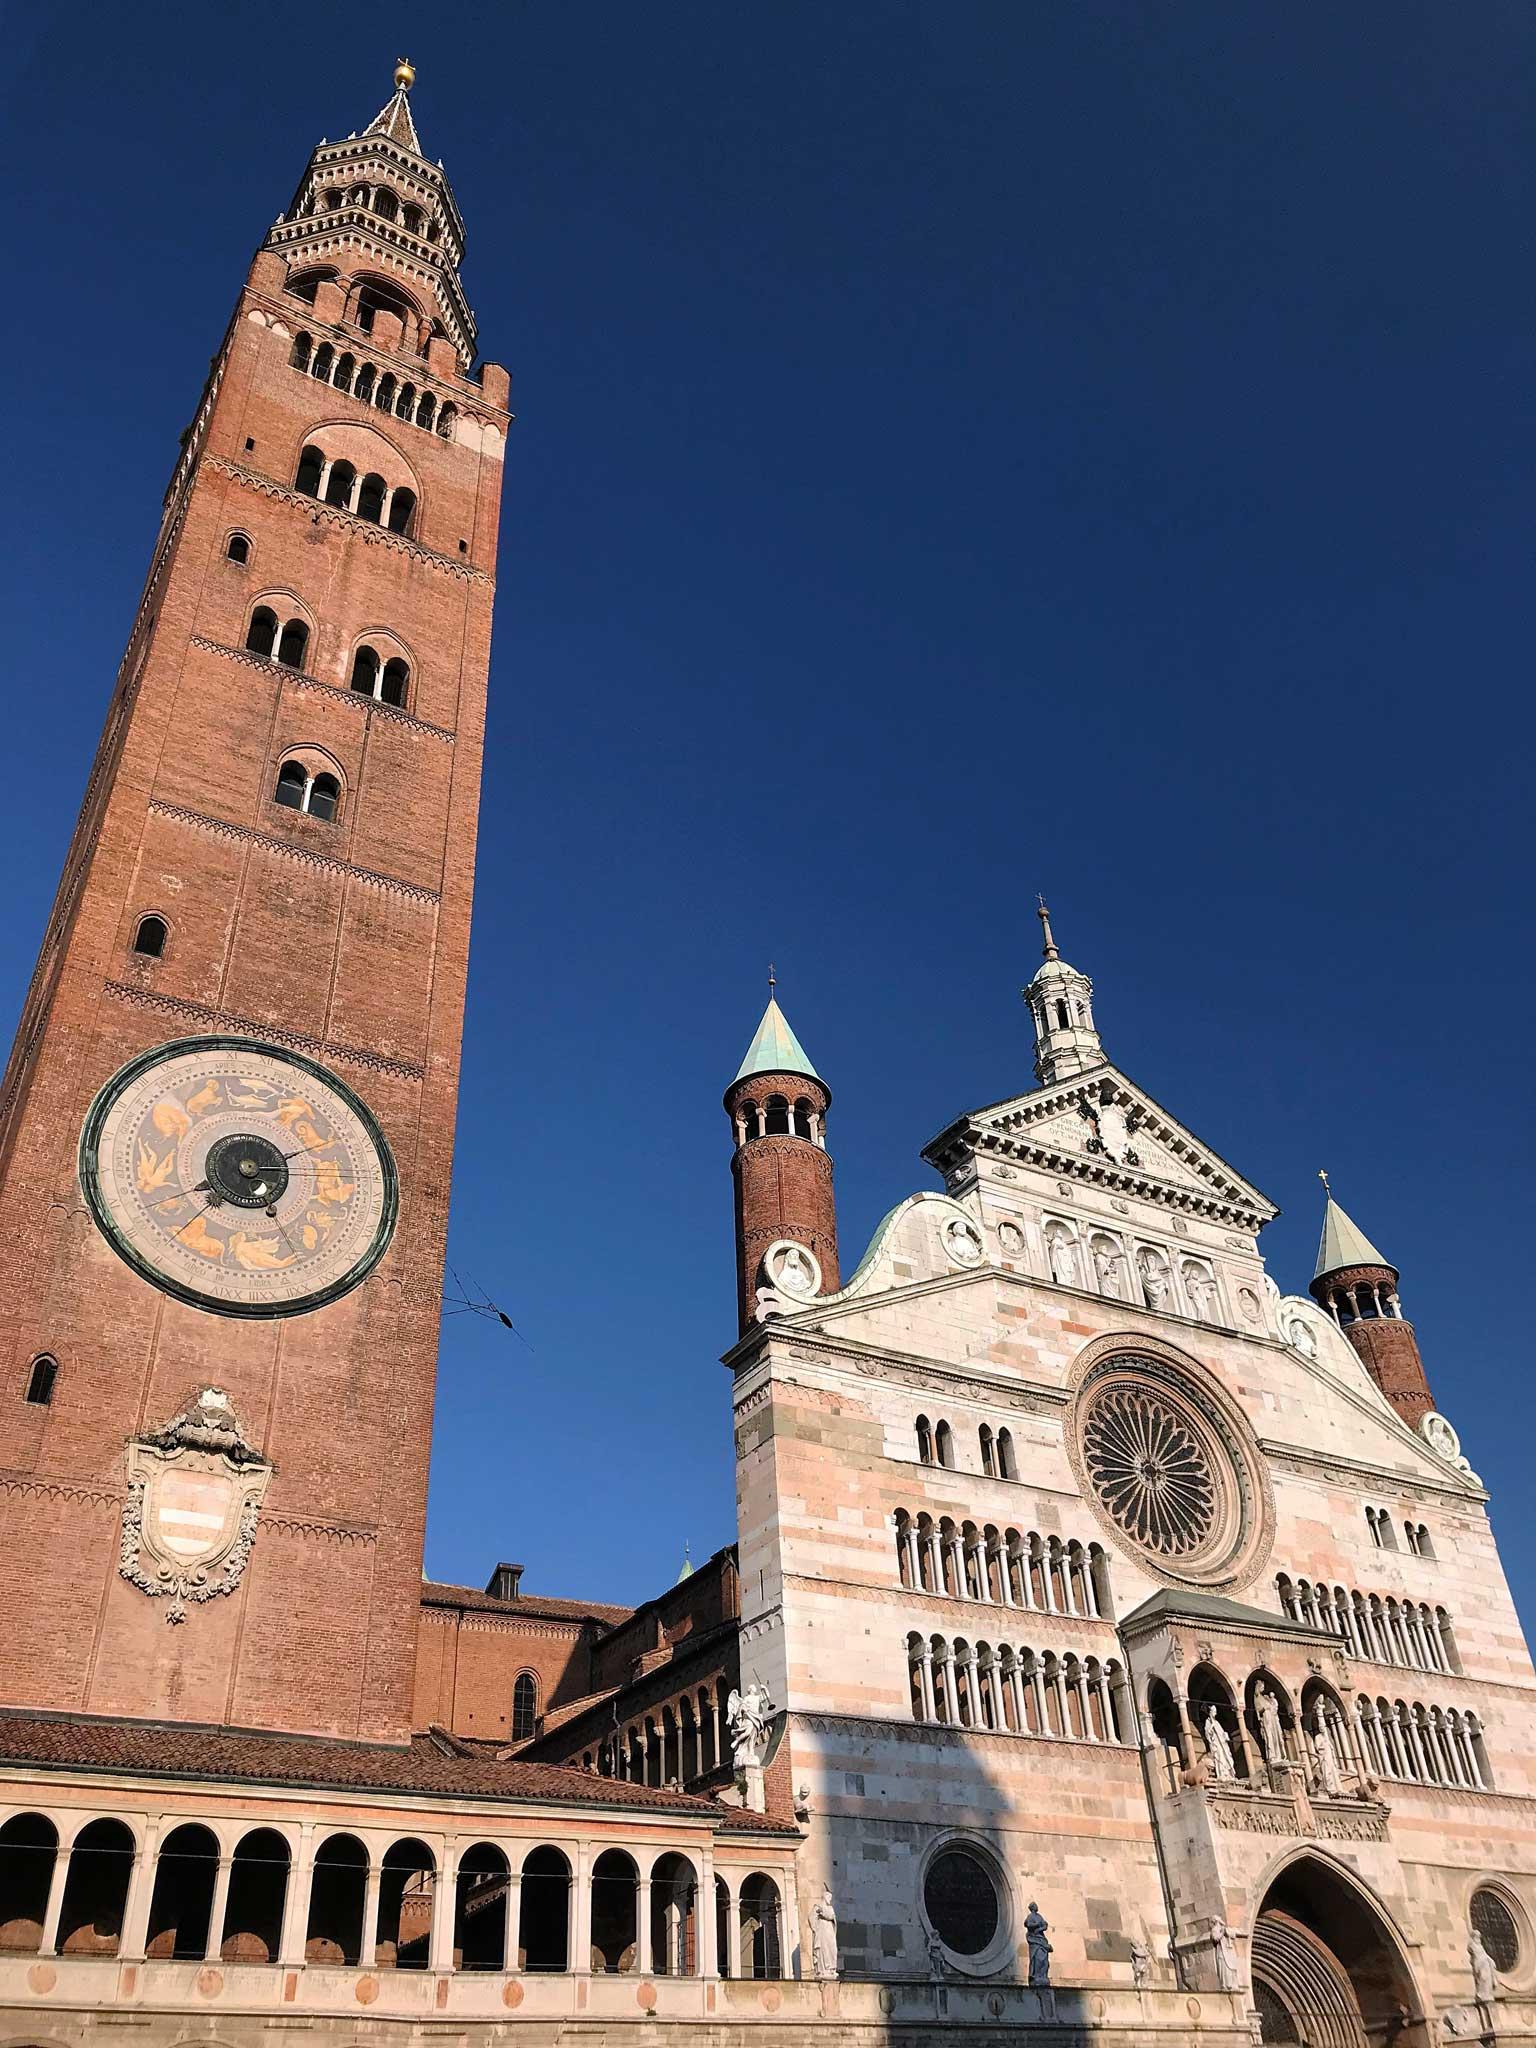 Piazza-del-Comune-Cremona-Torrazzo-facciata-cattedrale-mattoni-marmo-bianco